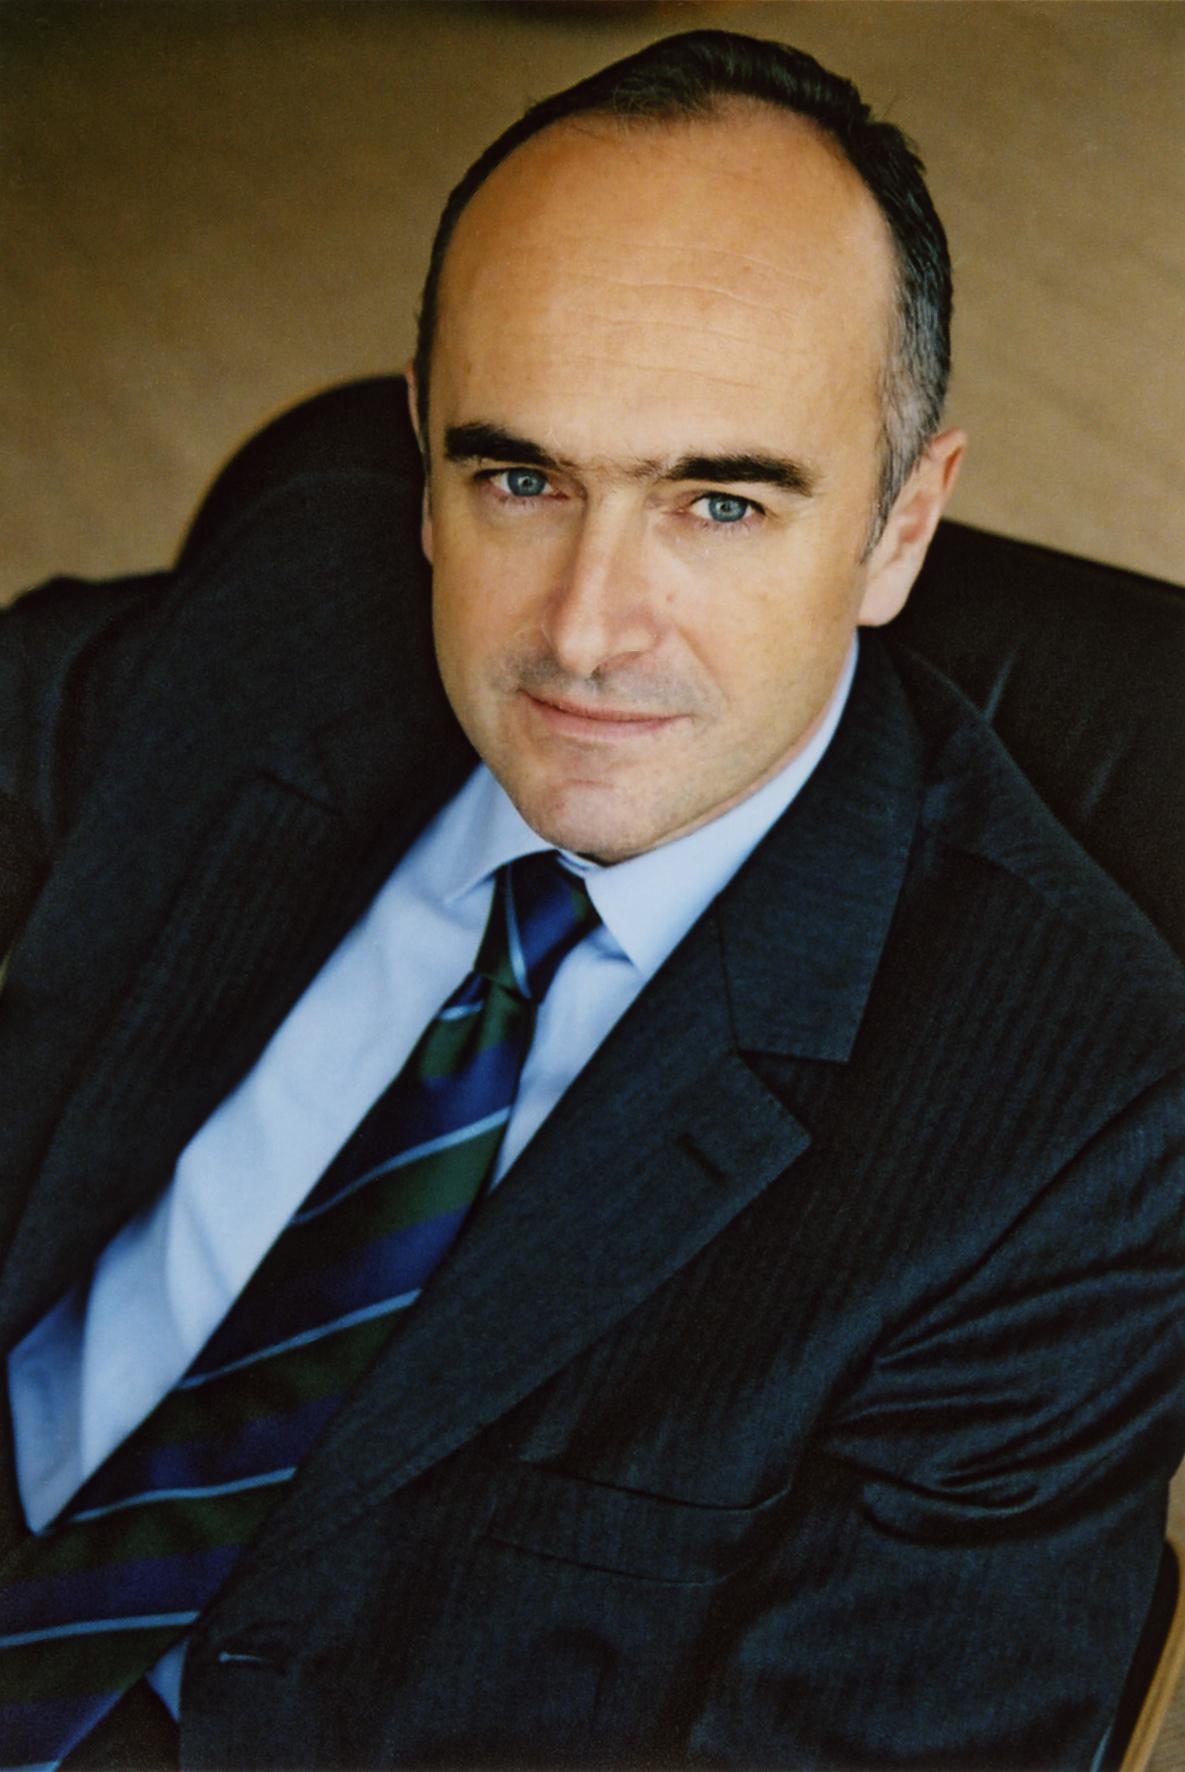 Jean-Pierre Denis, Président du Crédit Mutuel Arkéa et du Crédit Mutuel de Bretagne